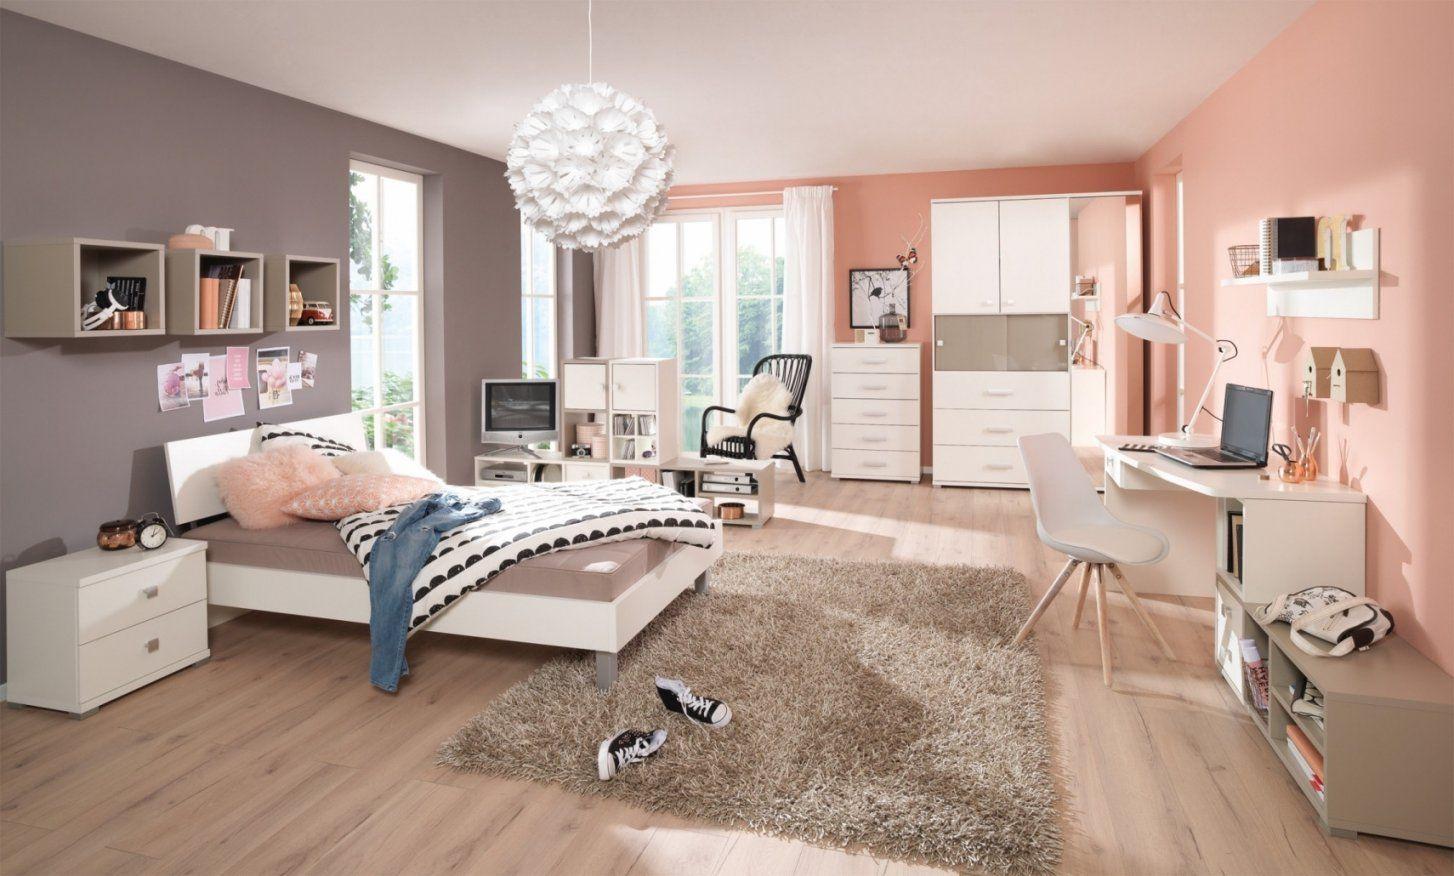 Gemtlich Jugendzimmer Mdchen Ikea Gestalten Aus Ideen Avec von Coole Jugendzimmer Fr Mdchen